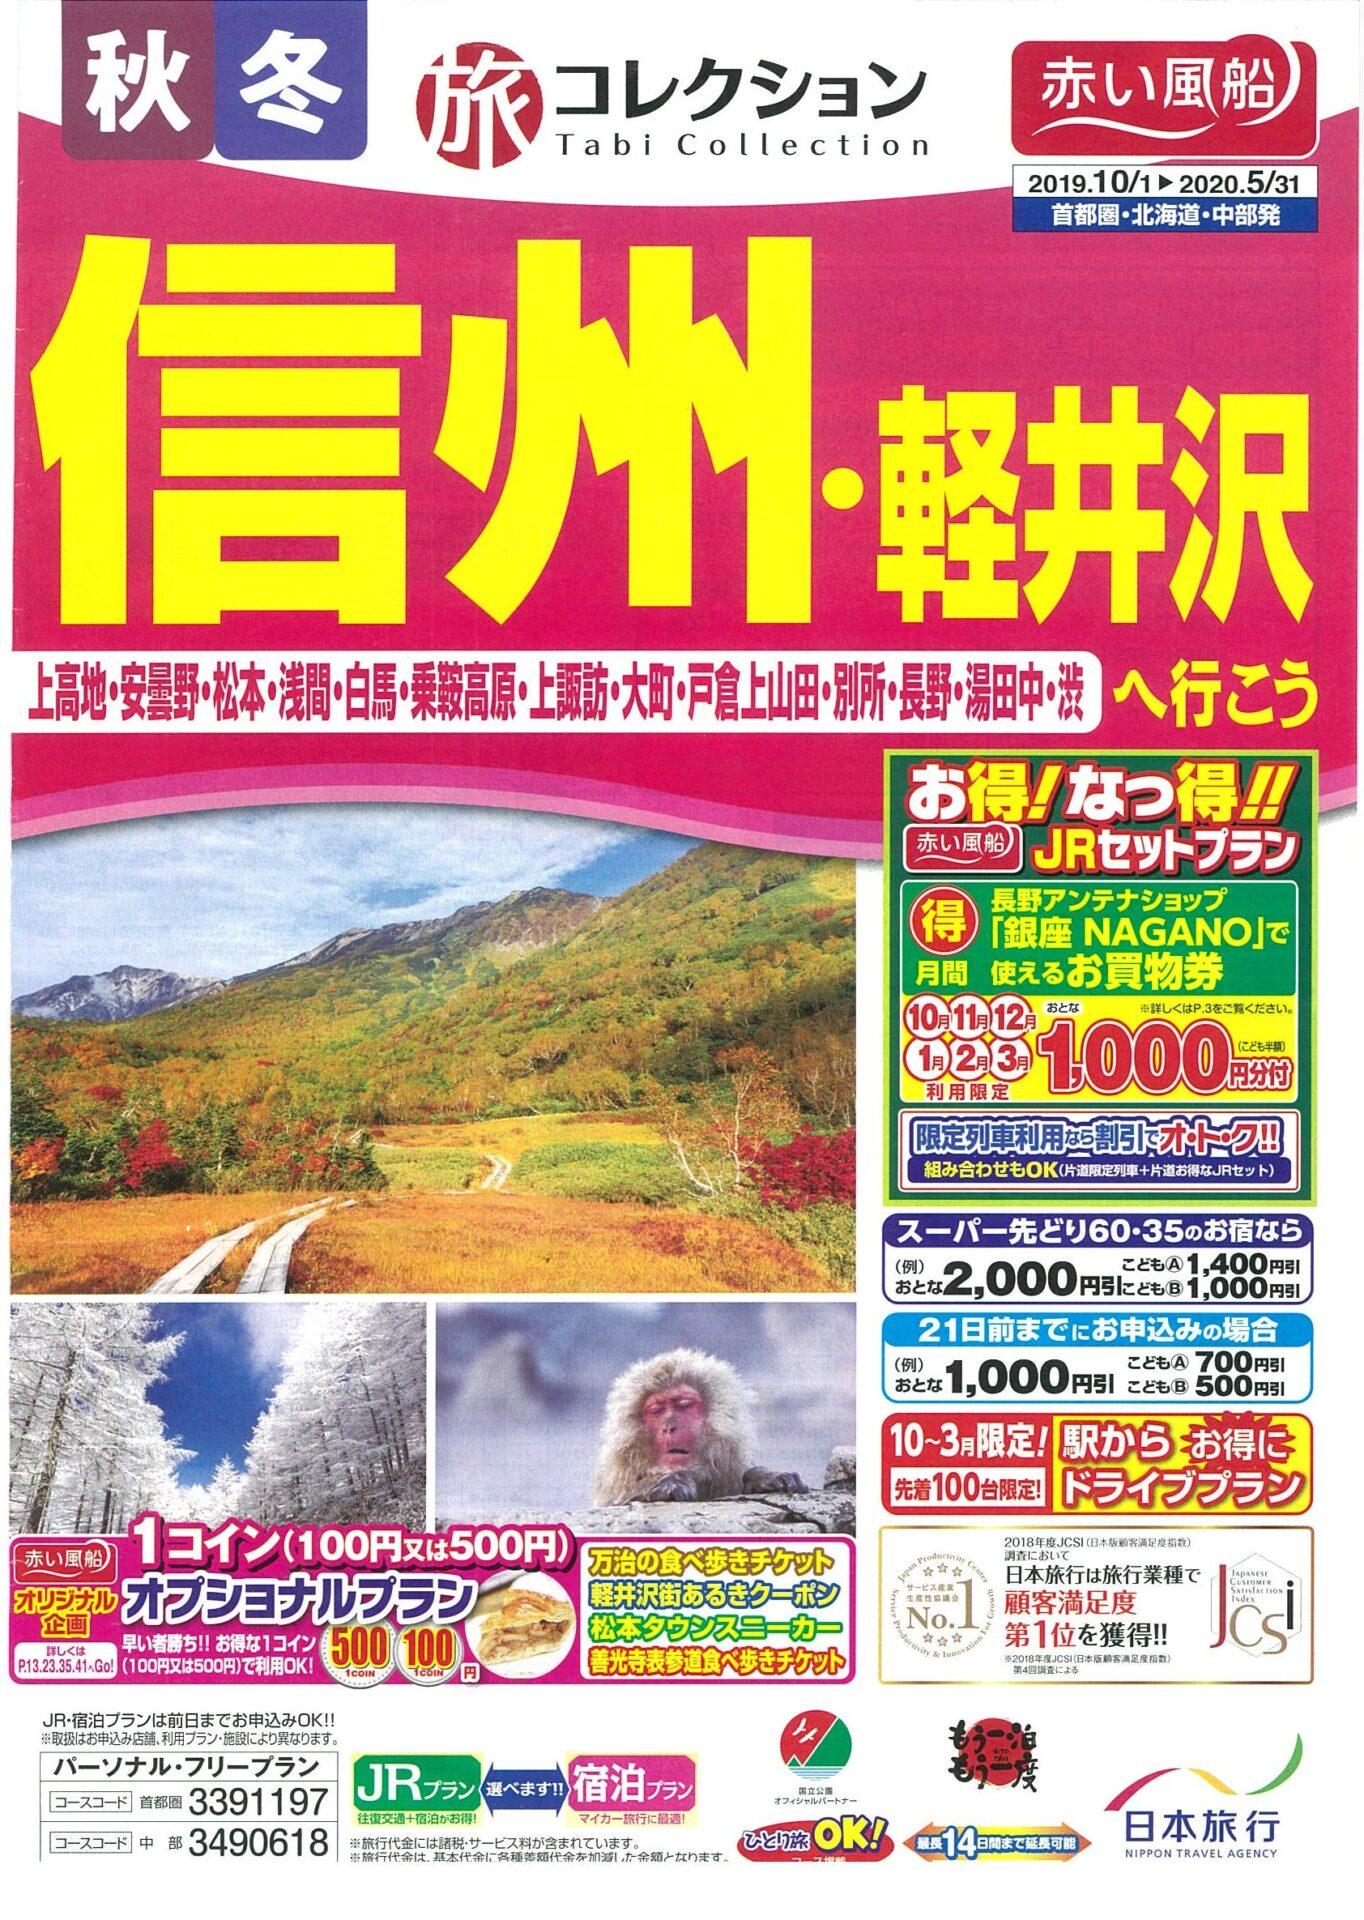 【旅コレクション】信州・軽井沢へ行こう